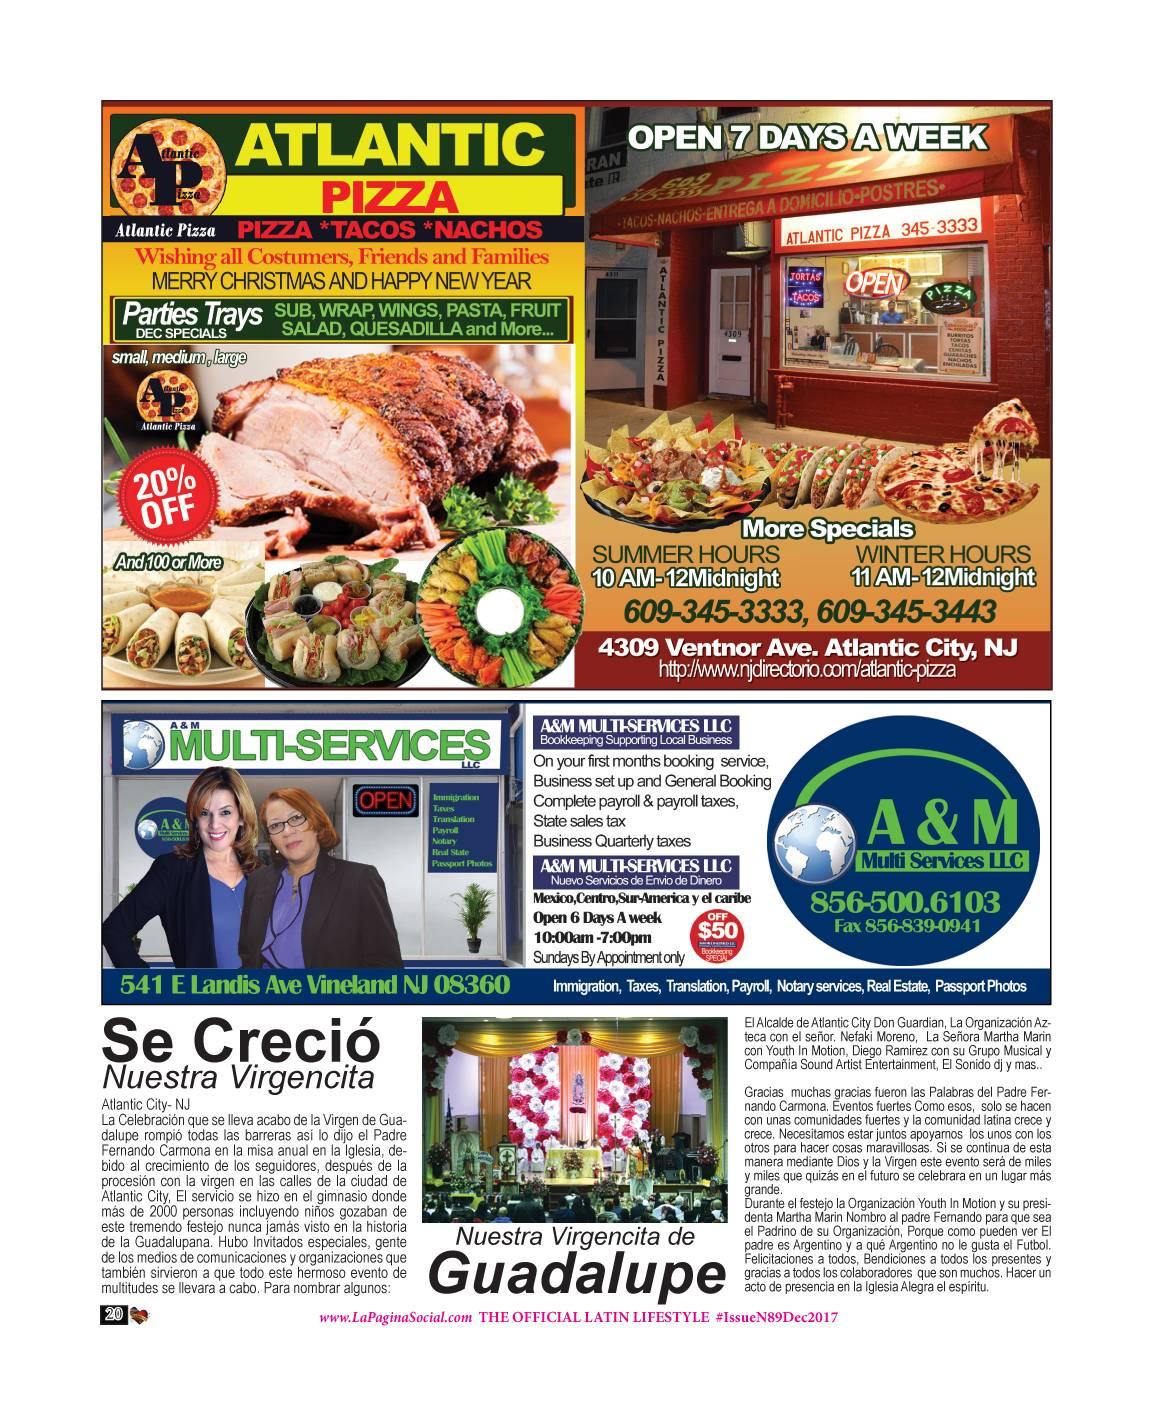 ATLANTIC PIZZA / ANNY ROSARIO / MELISA ESCRIBIANO